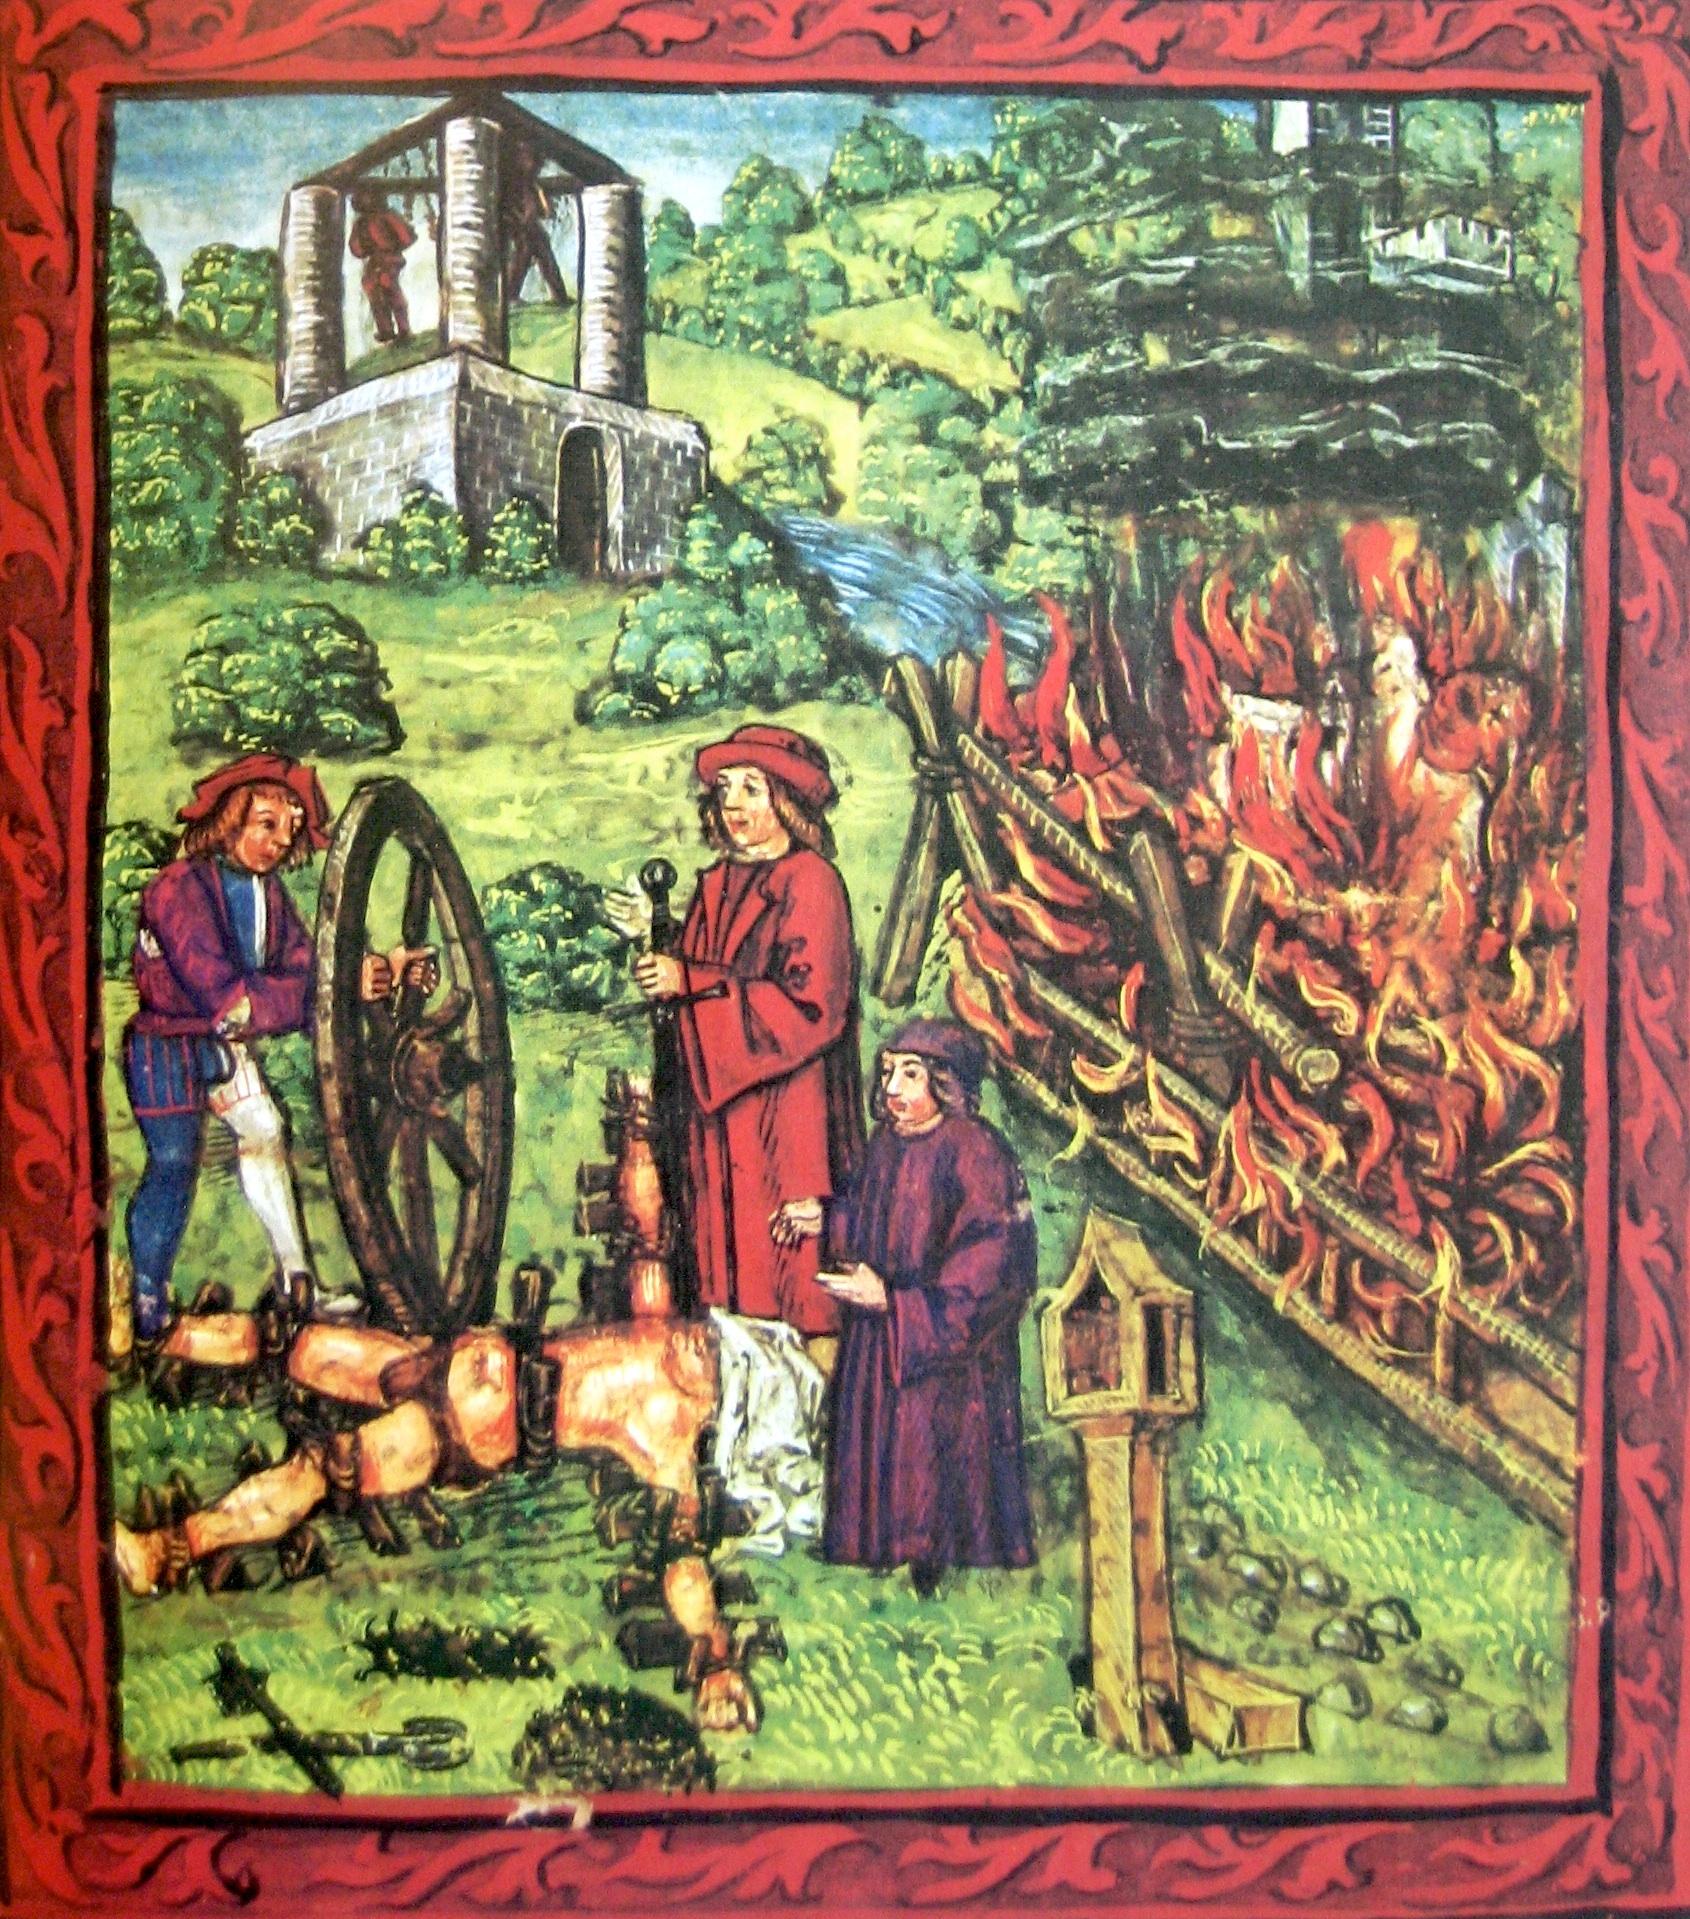 Mittelalter tortur smut galleries